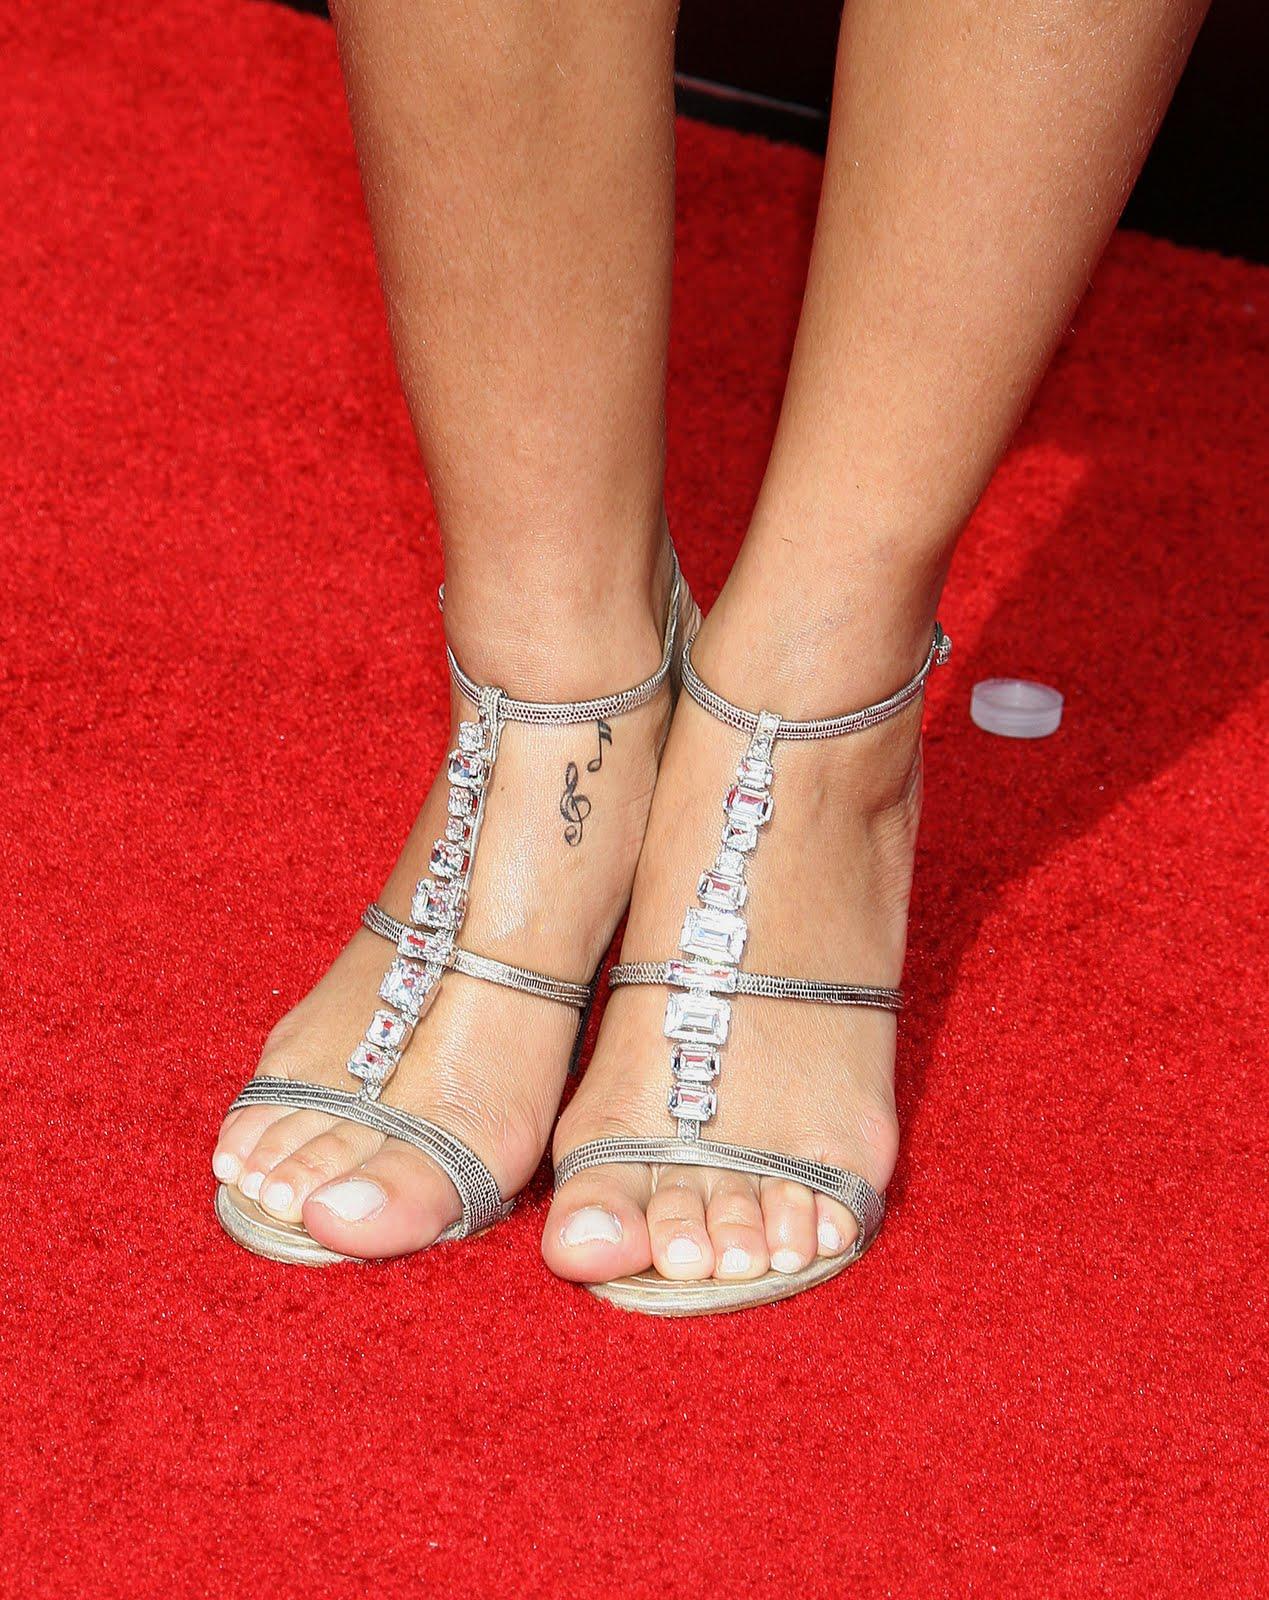 Rihanna Feet Starlight Celebrity